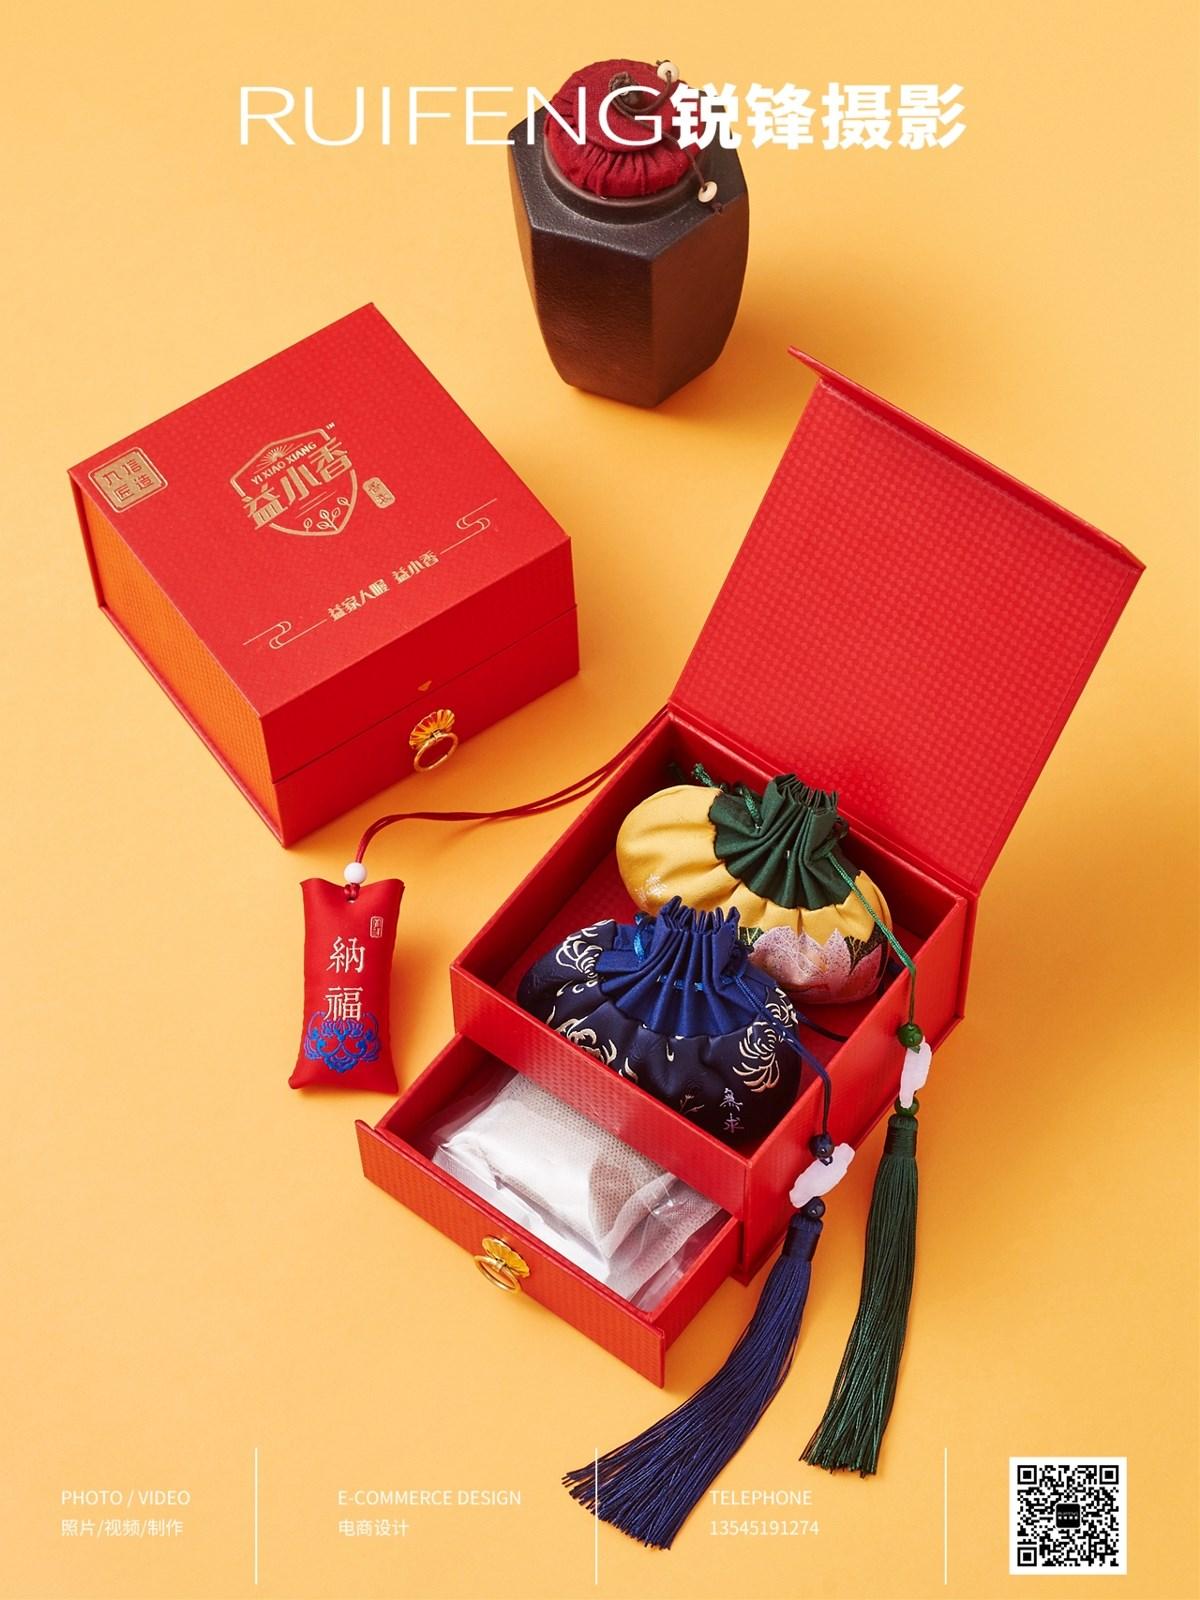 武汉产品拍摄|中药香囊摄影|静物拍摄|RUIFENG锐锋摄影工作室